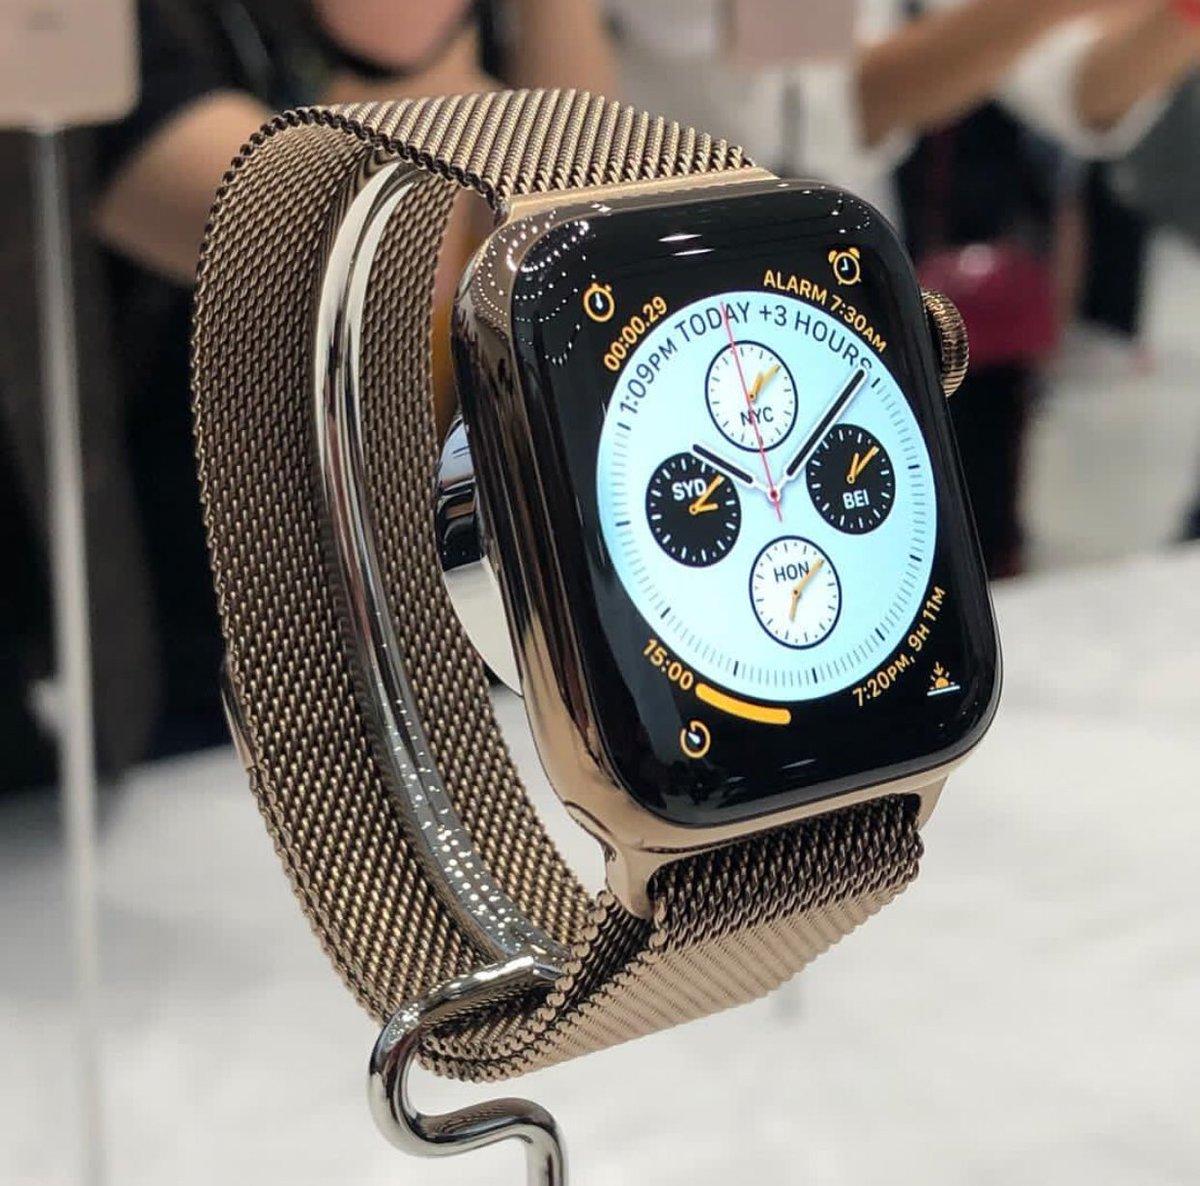 Nuovo preferito watch #AppleEvent #WATCH c'è ora è?  - Ukustom